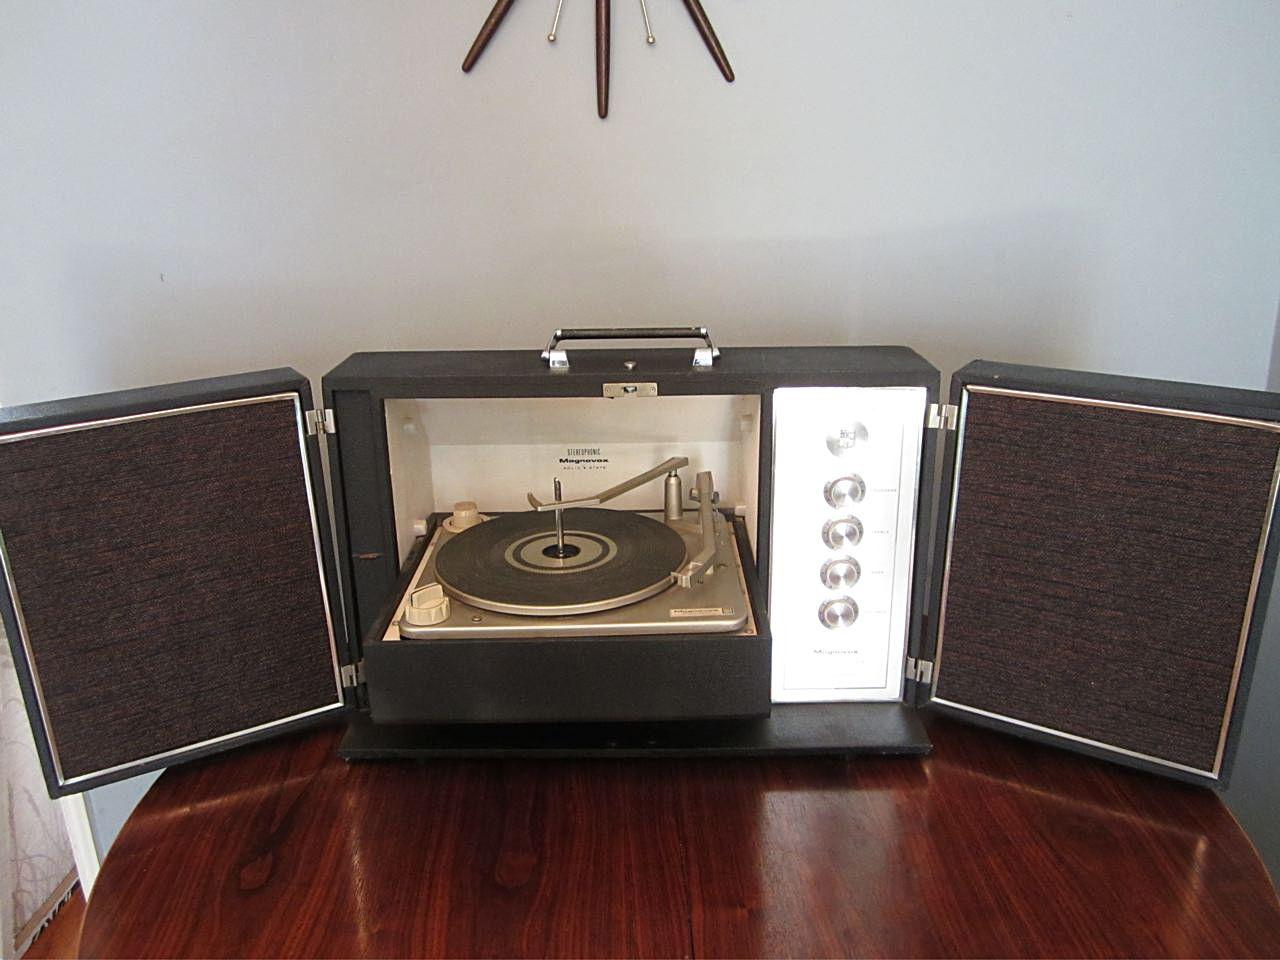 Vintage Magnavox Portable Record Player Radios Retro